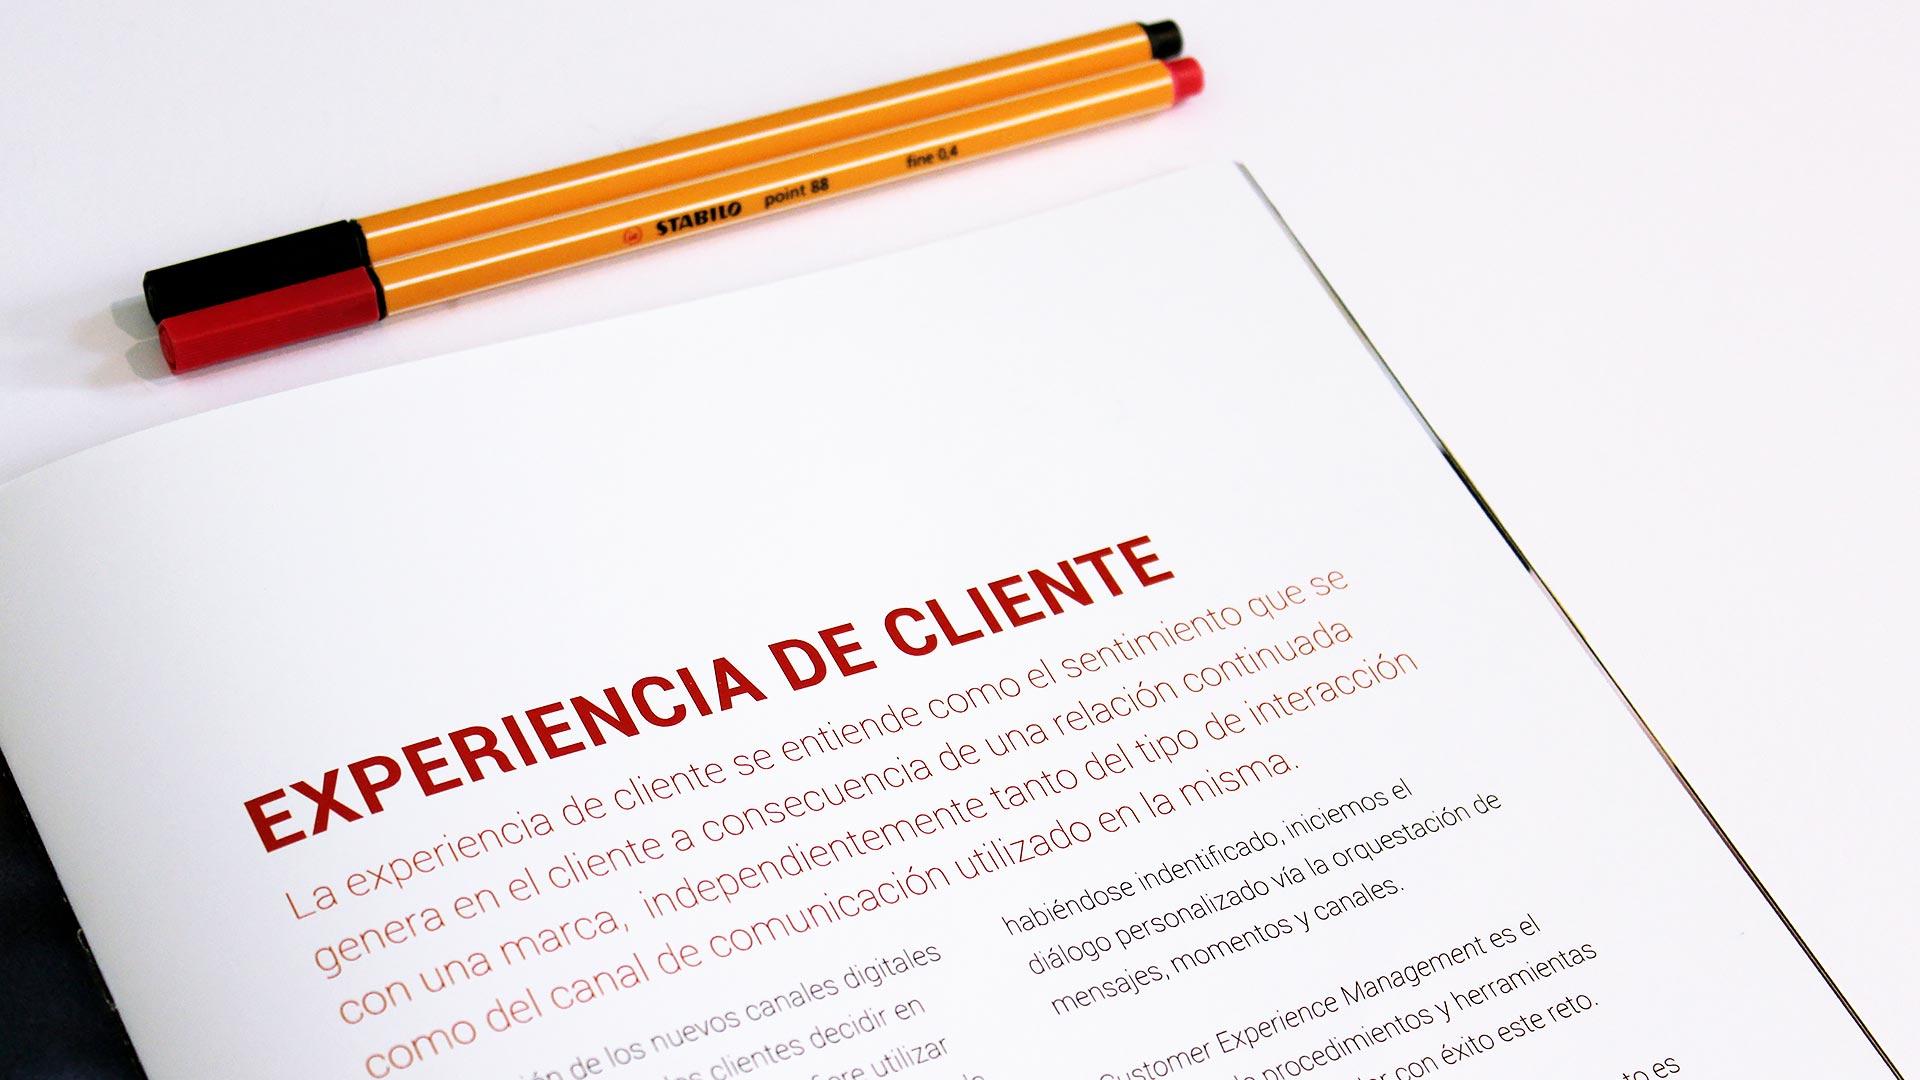 oracle-informe-ebook-content-marketing-evento-herramientas-experiencia-clienye-2016-10